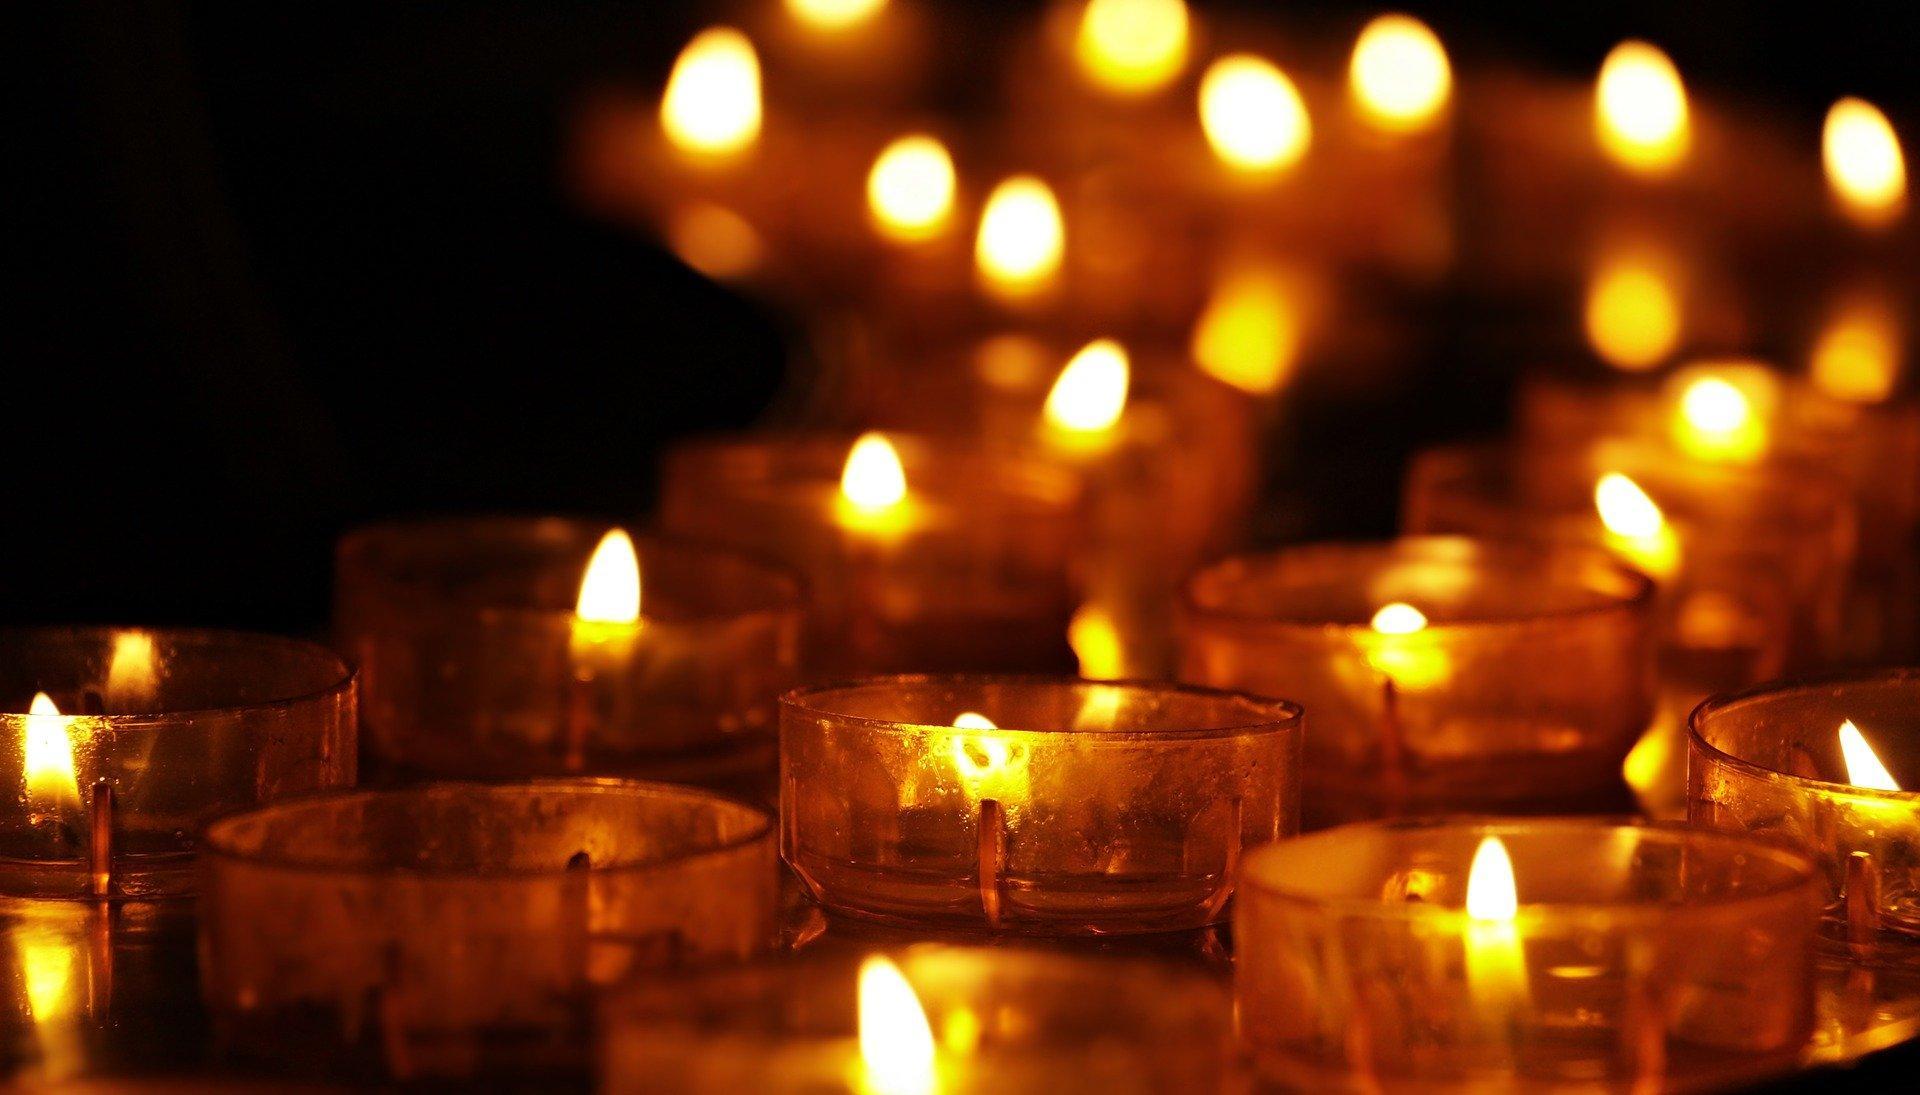 Met sfeerlichten gezelligheid in huis creëren